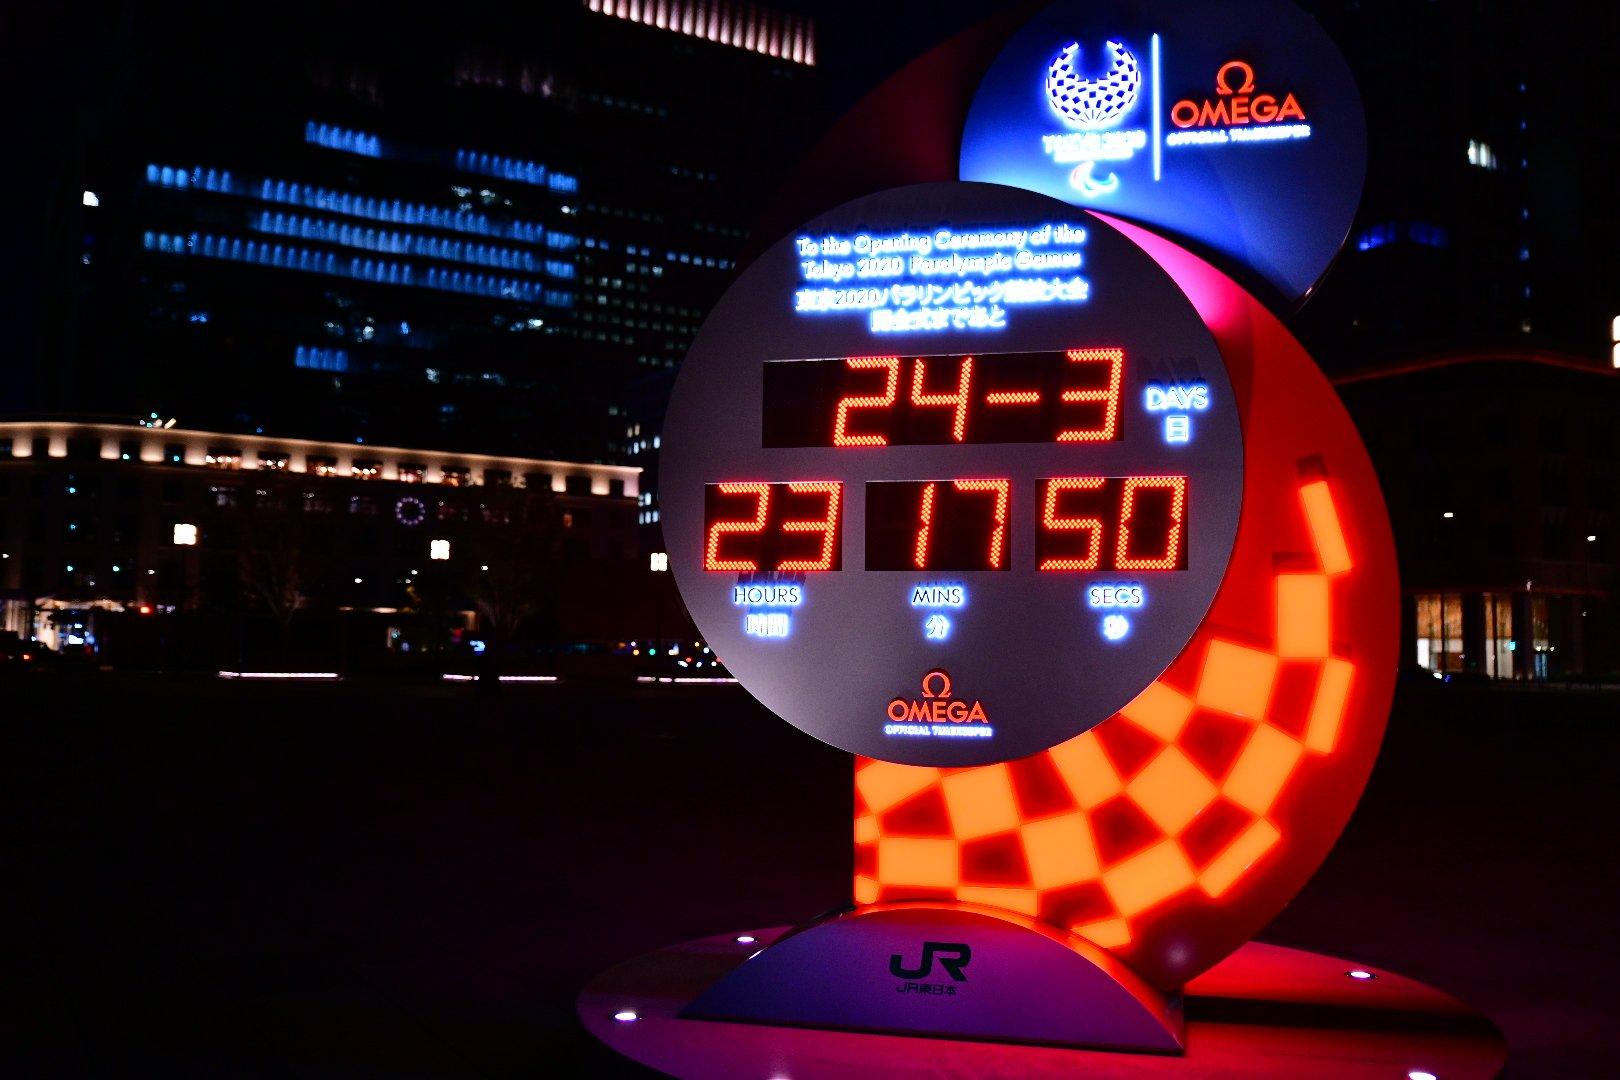 そういや東京駅前の東京オリンピック開会式カウントダウン時計はどうなったんだろうと見に行ったら、カウントダウンが中止されて、普通に今現在の時を刻む時計になっていた